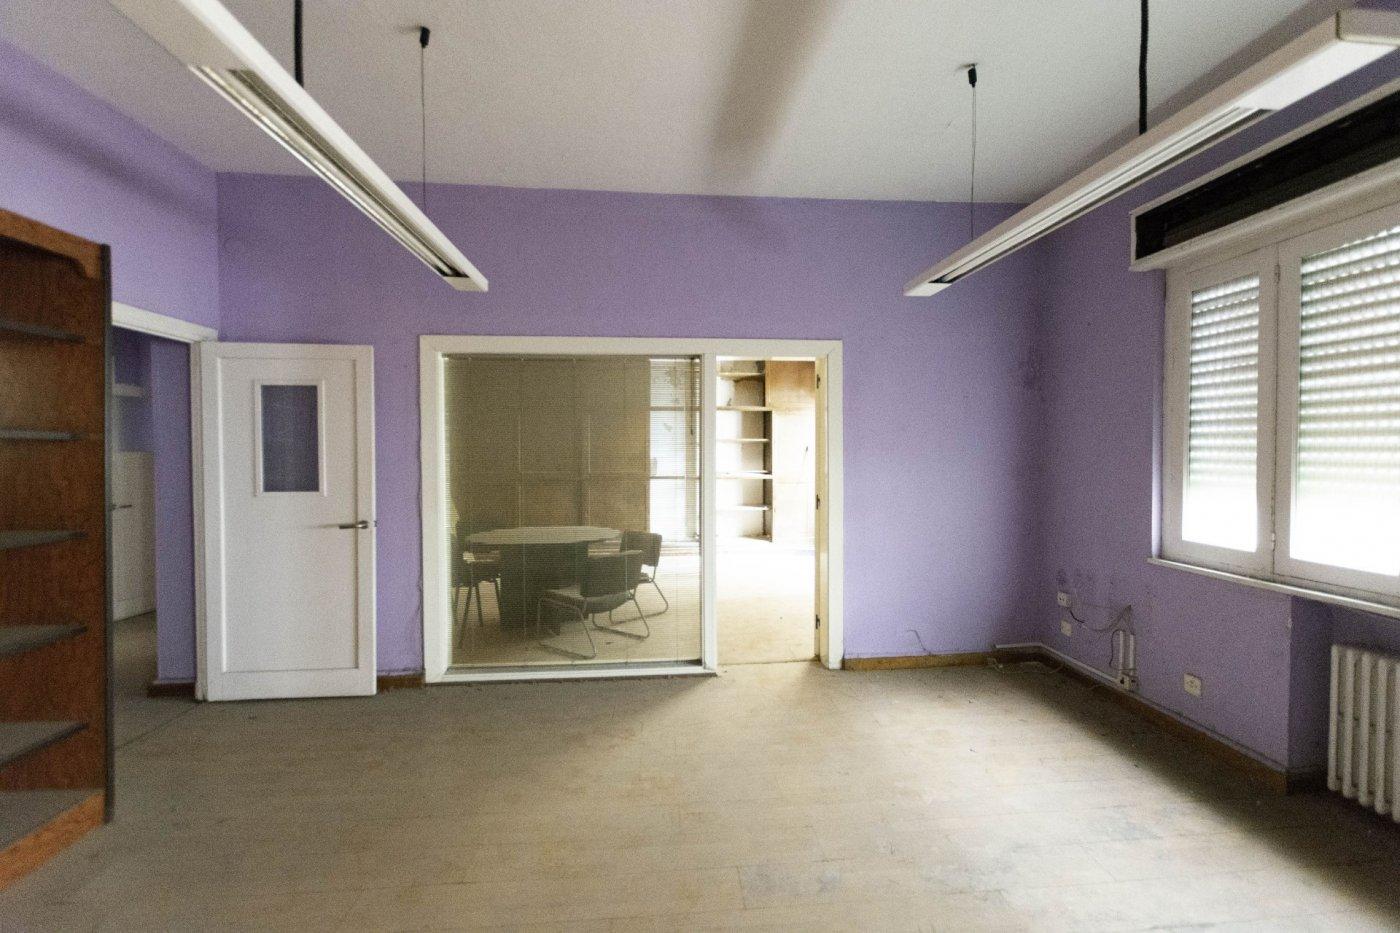 Oficinas en el centro de oviedo. - imagenInmueble6